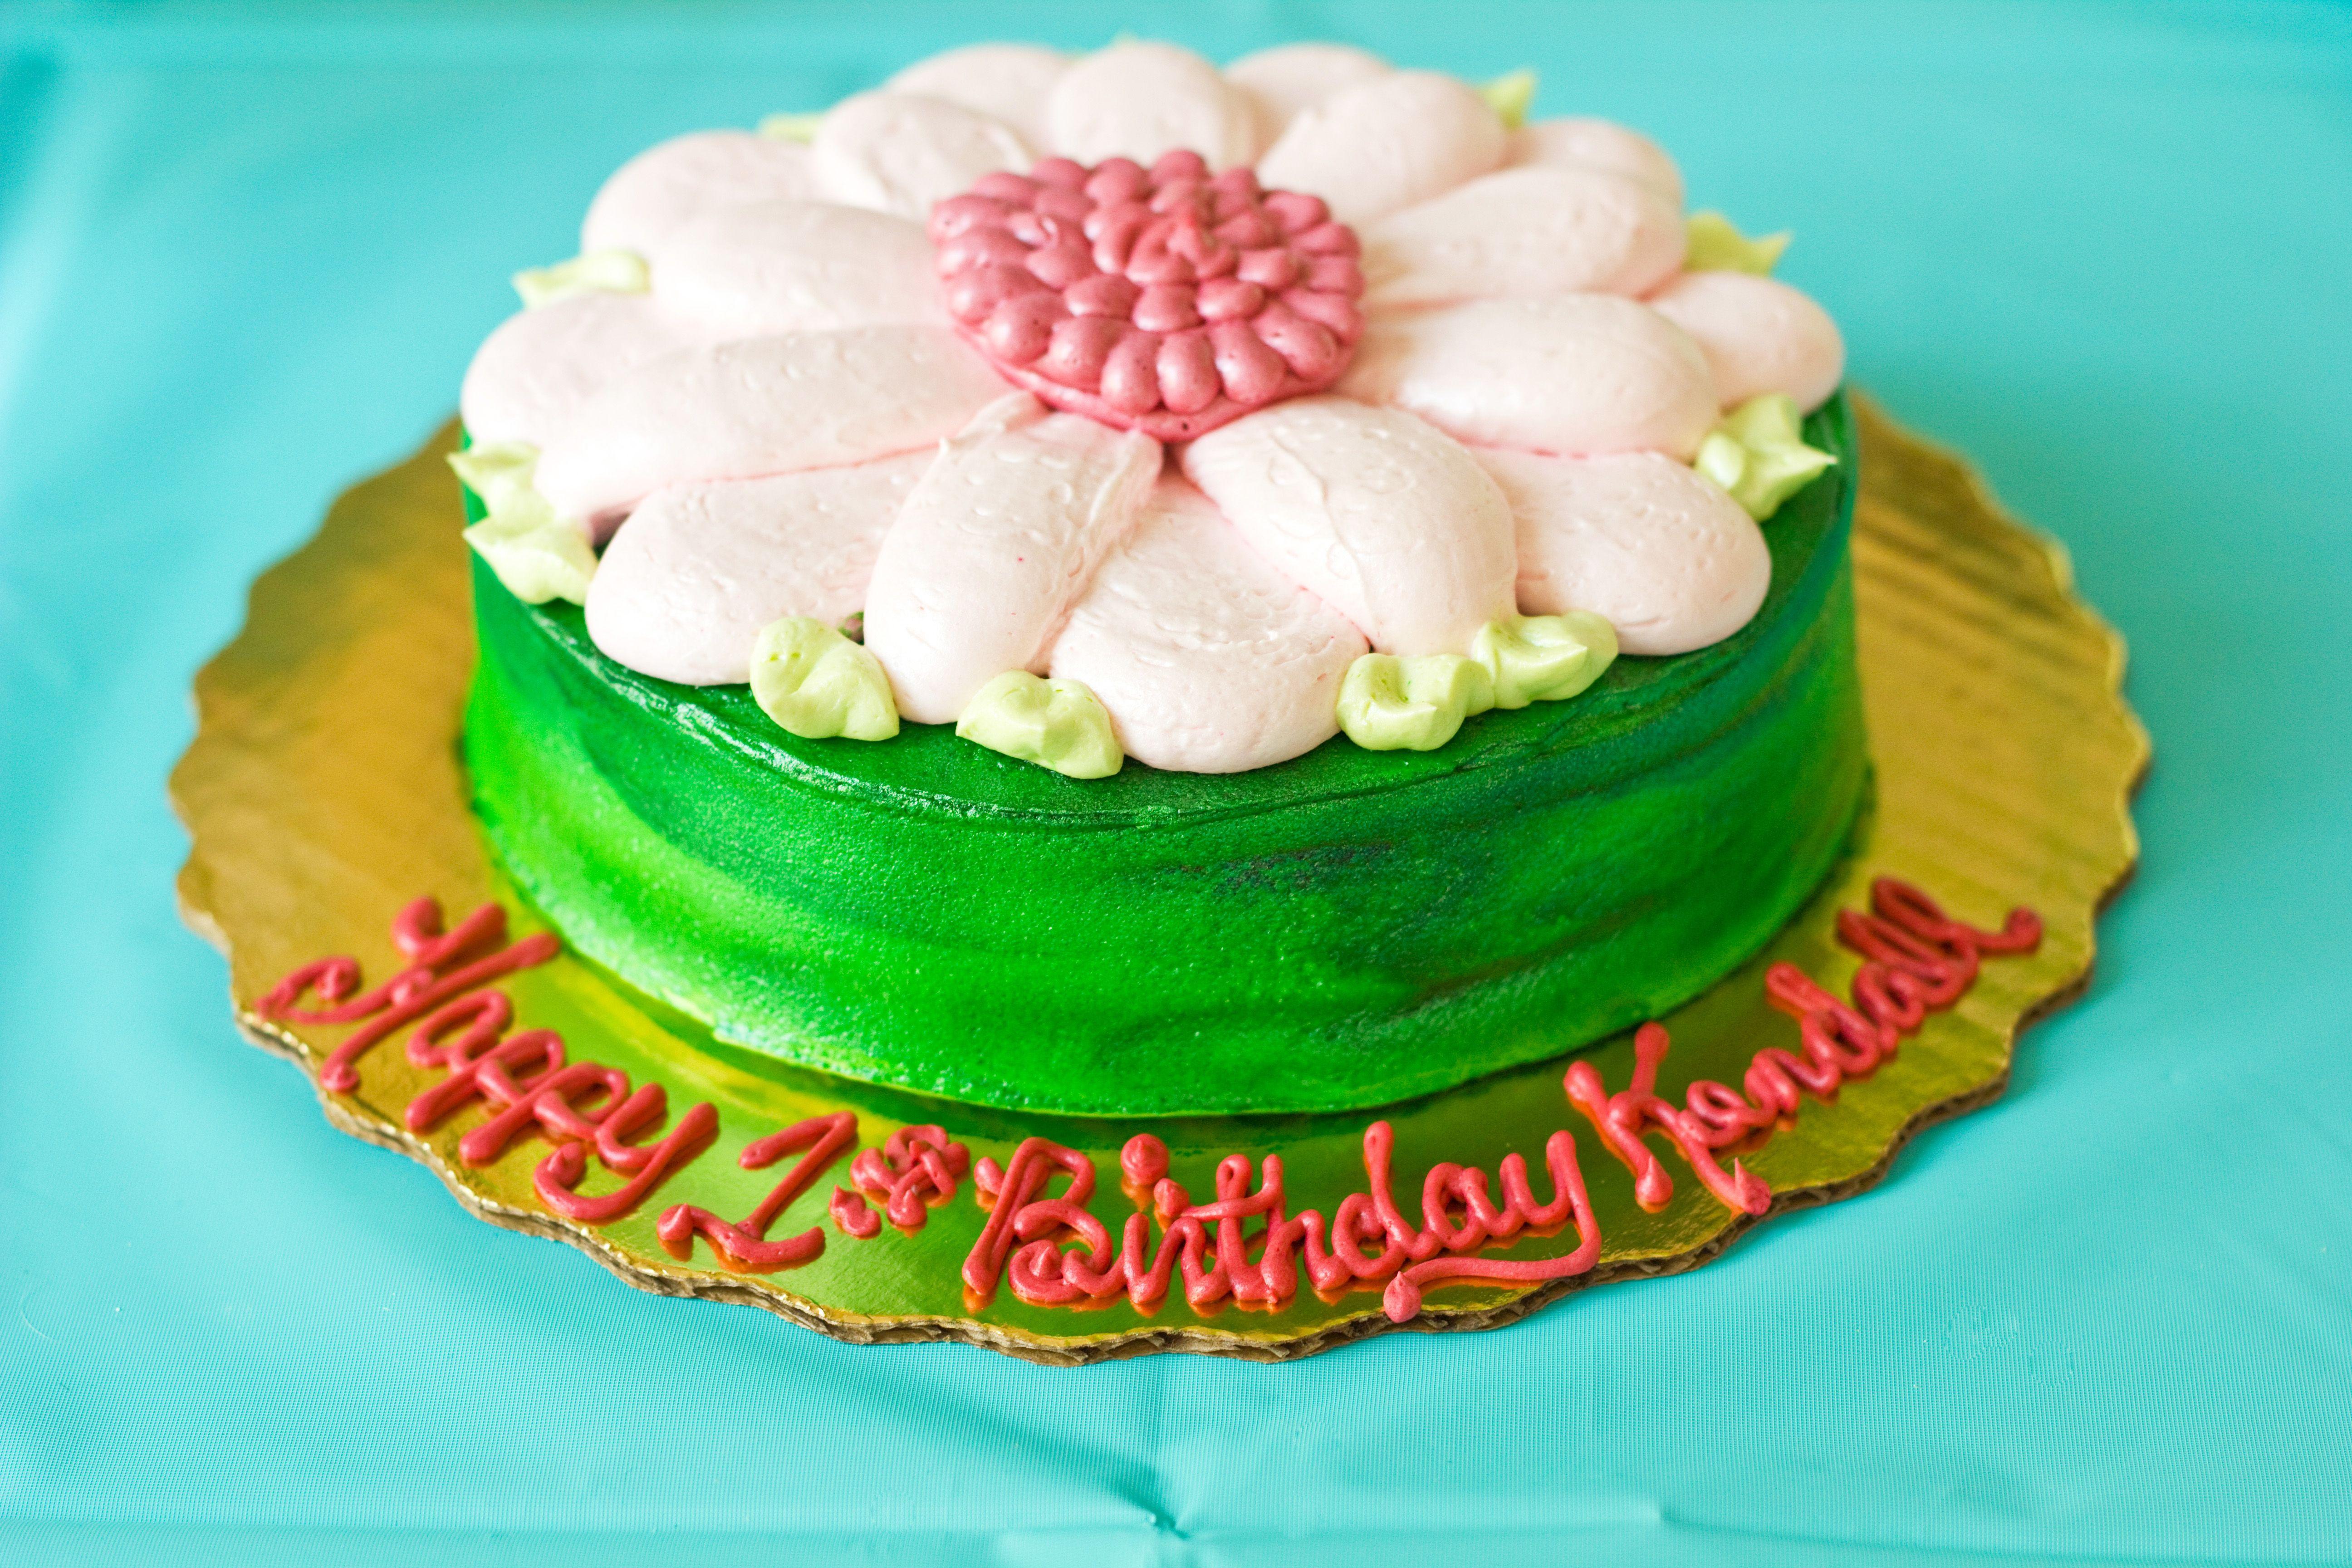 Babys smash cake thanks to publix bakery for bringing my